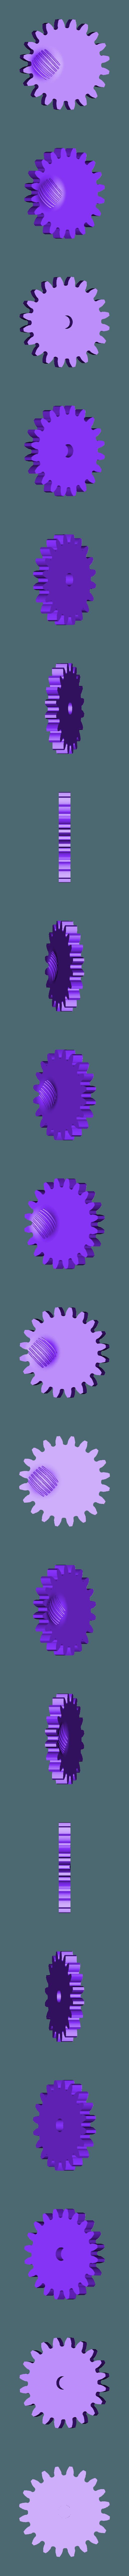 DriverGear.stl Download free STL file MechanicalEggHolder • 3D printable object, Digitang3D